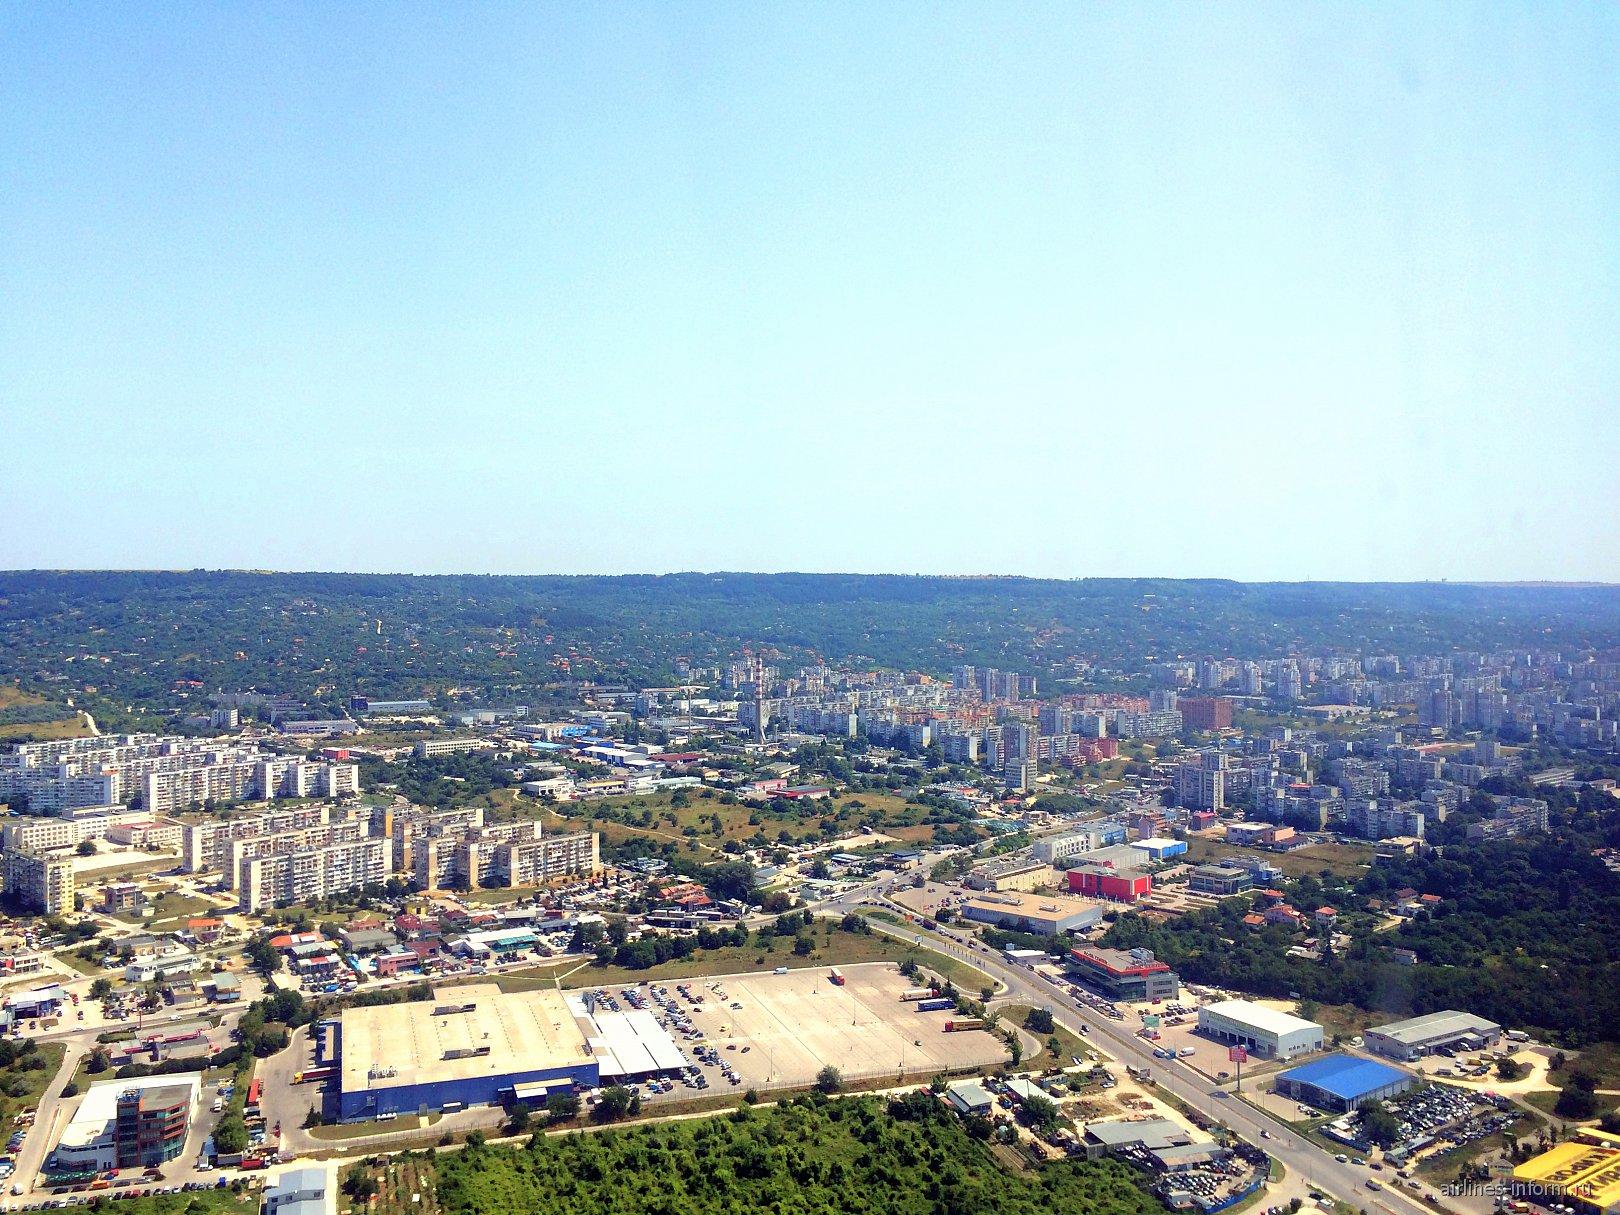 Окраины города Варна при взлете из аэропорта